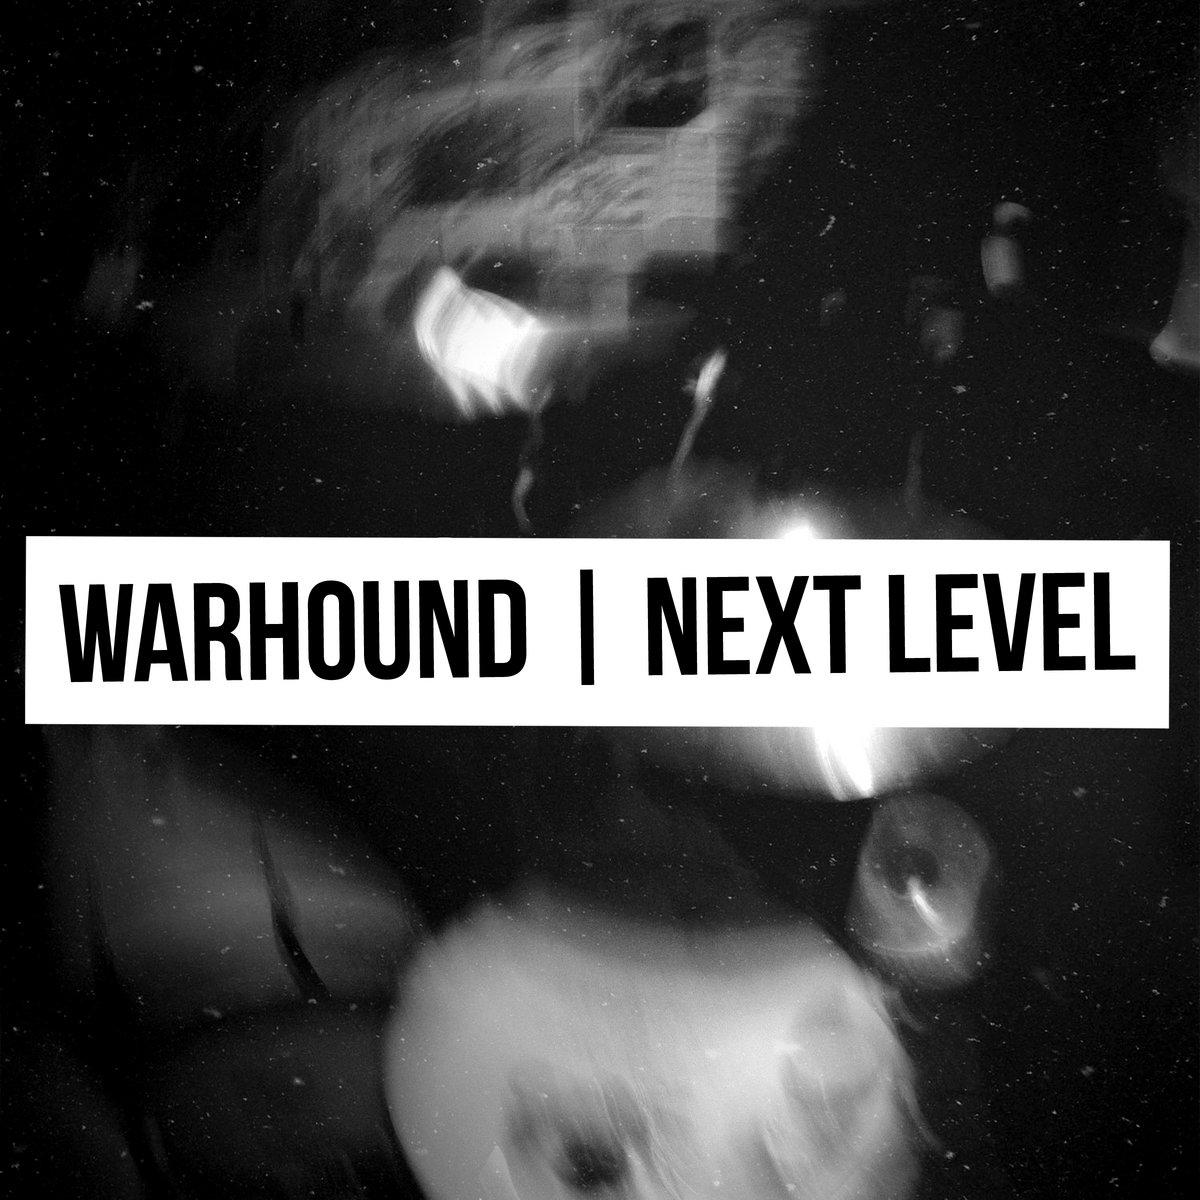 Warhound - Next level LP / CD